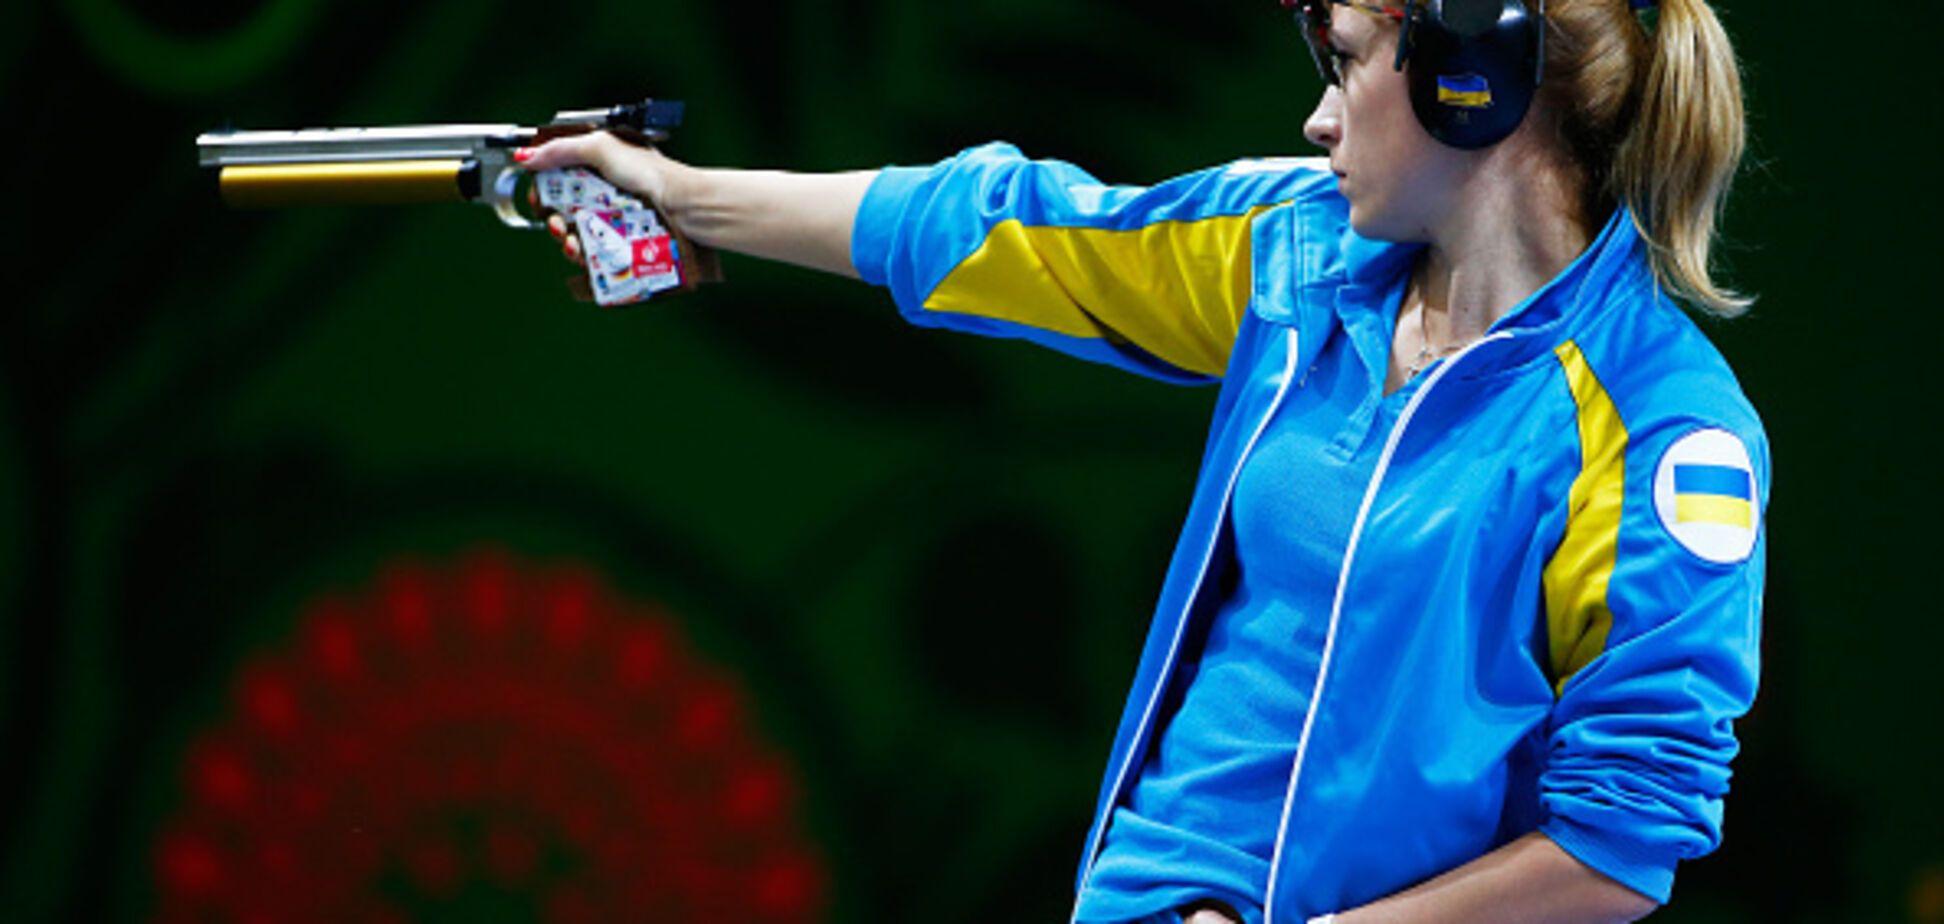 Українка виграла чемпіонат світу зі стрільби, обійшовши росіянку